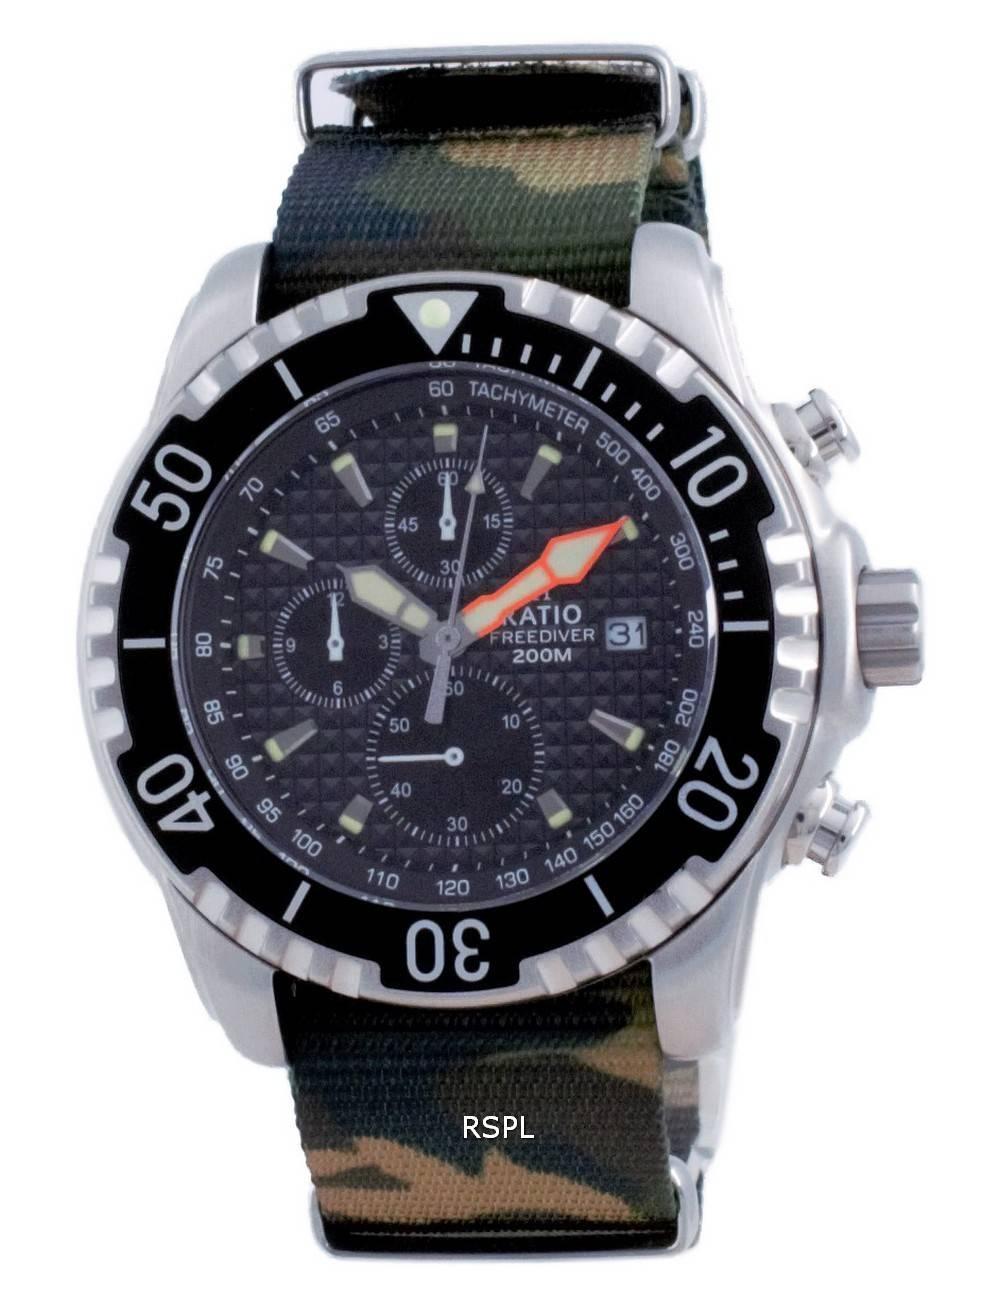 Suhde vapaa sukeltaja Chronograph Nylon Quartz Diver&#39,s 48HA90-17-CHR-BLK-var-NATO5 200M miesten kello